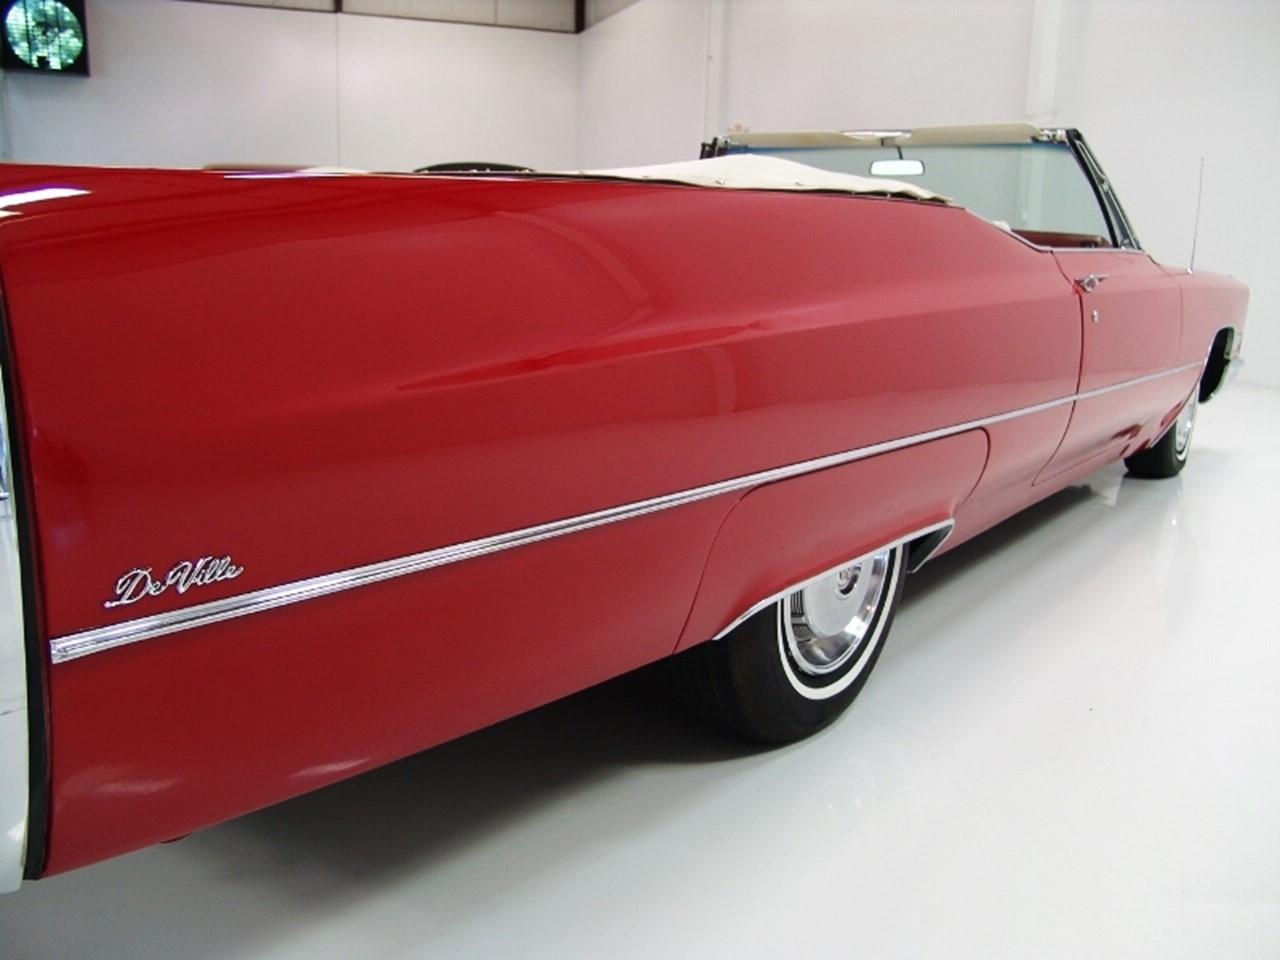 1967 DeVille 21